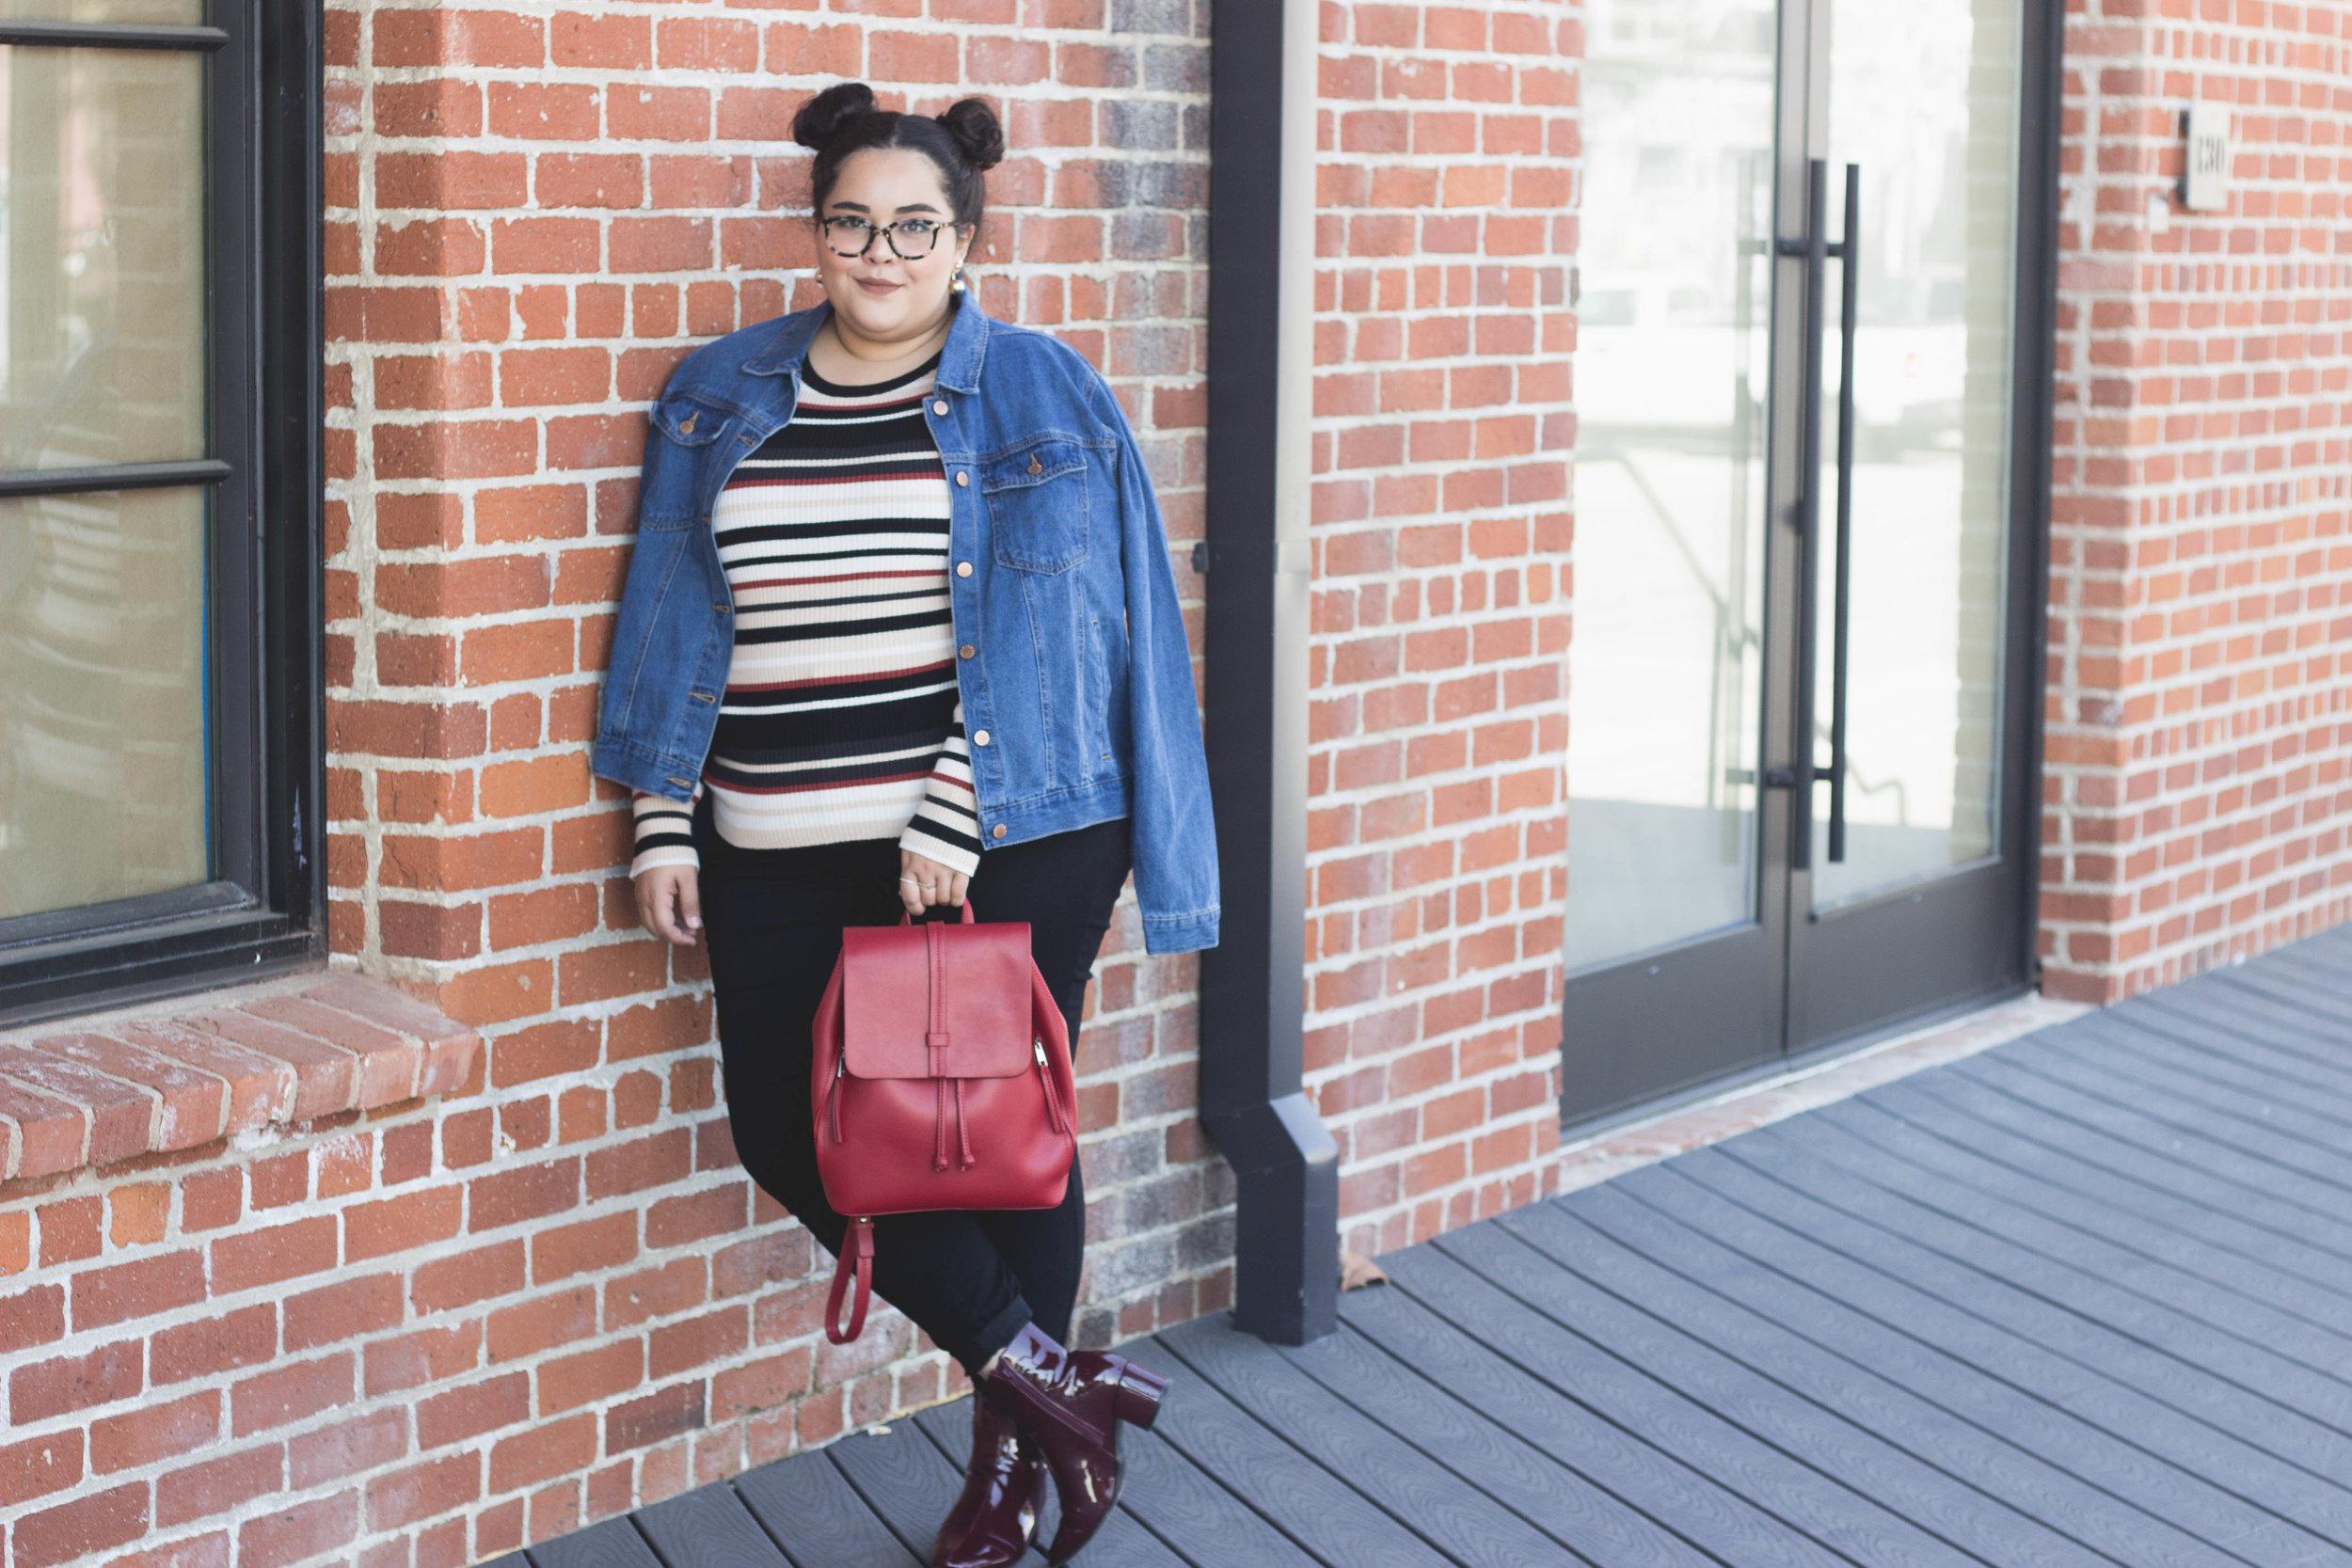 stripedsweaterredbackpack (1 of 27).jpg